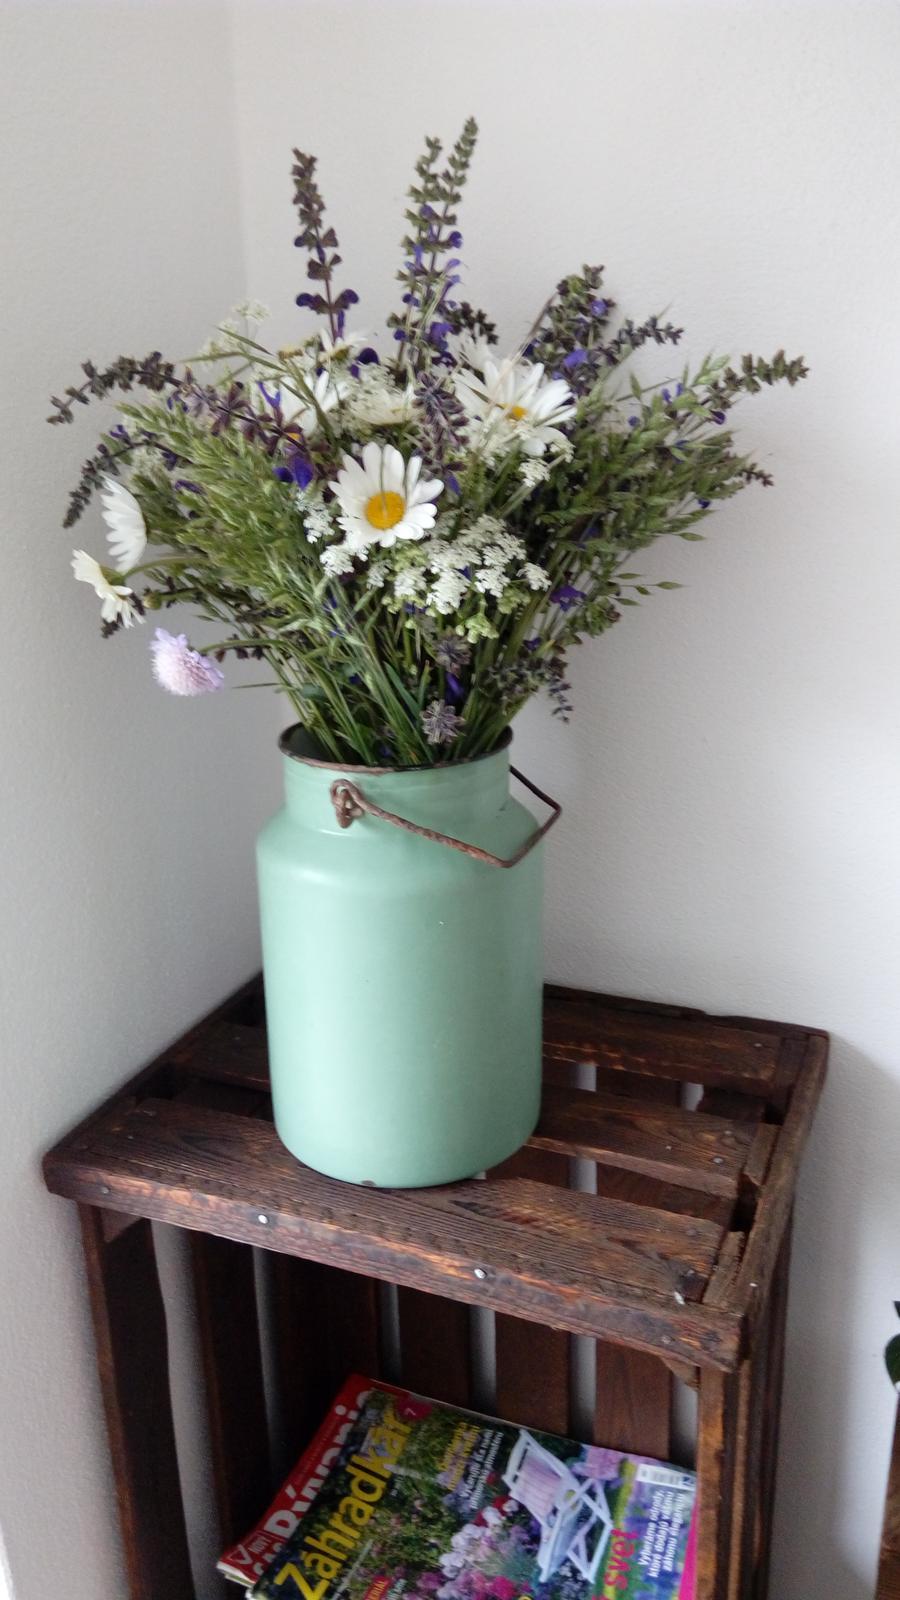 Domov - Lúčne kvety.....najkrajšie :)